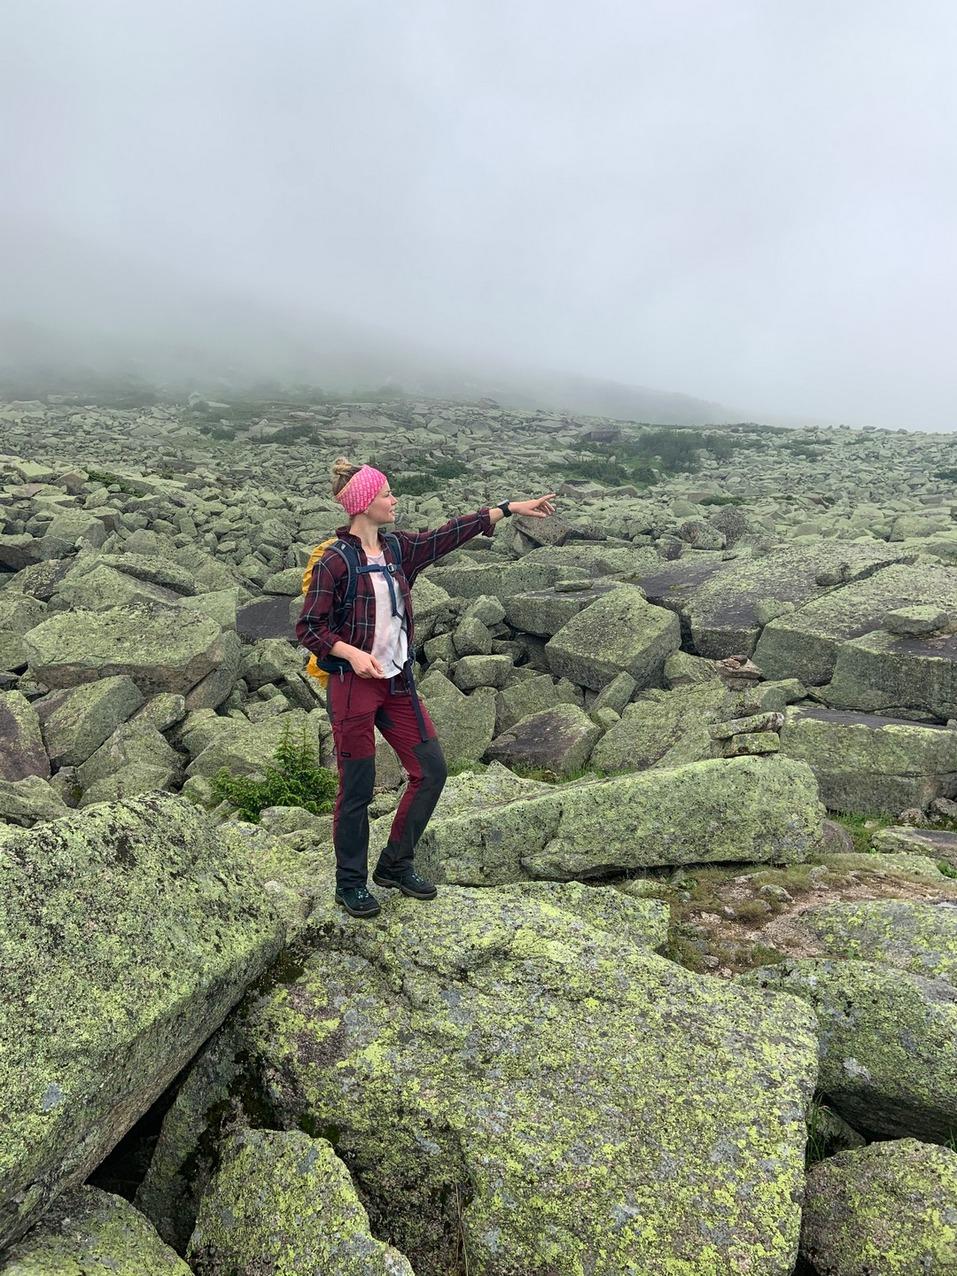 Юлия Верхушина: «Меня называют уполномоченным по правам туристов» 5